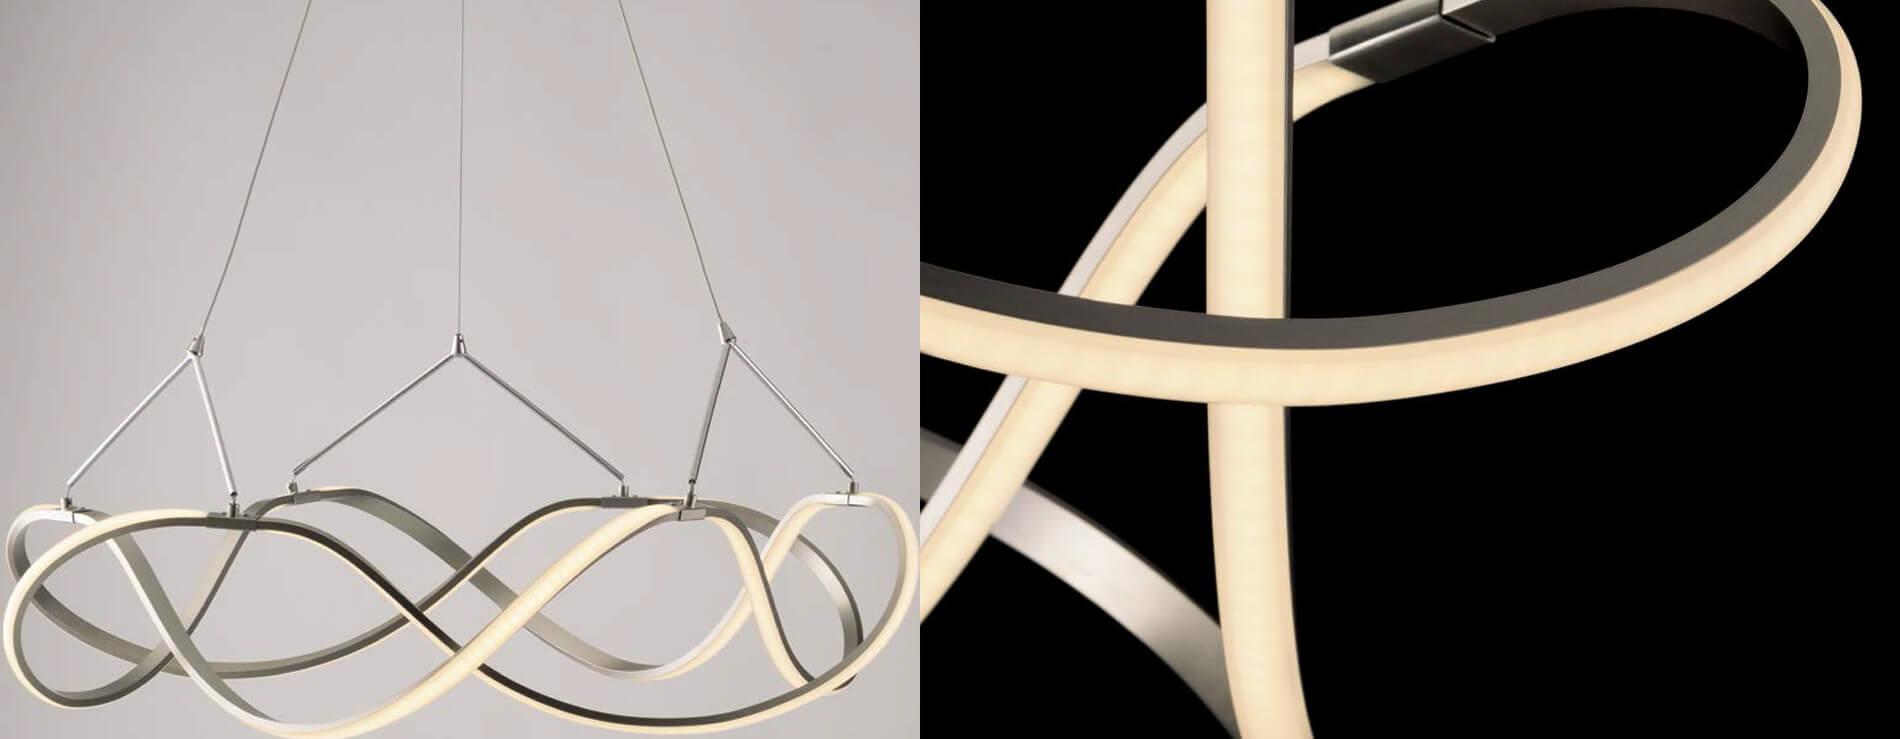 lampada Flight di Luce Design